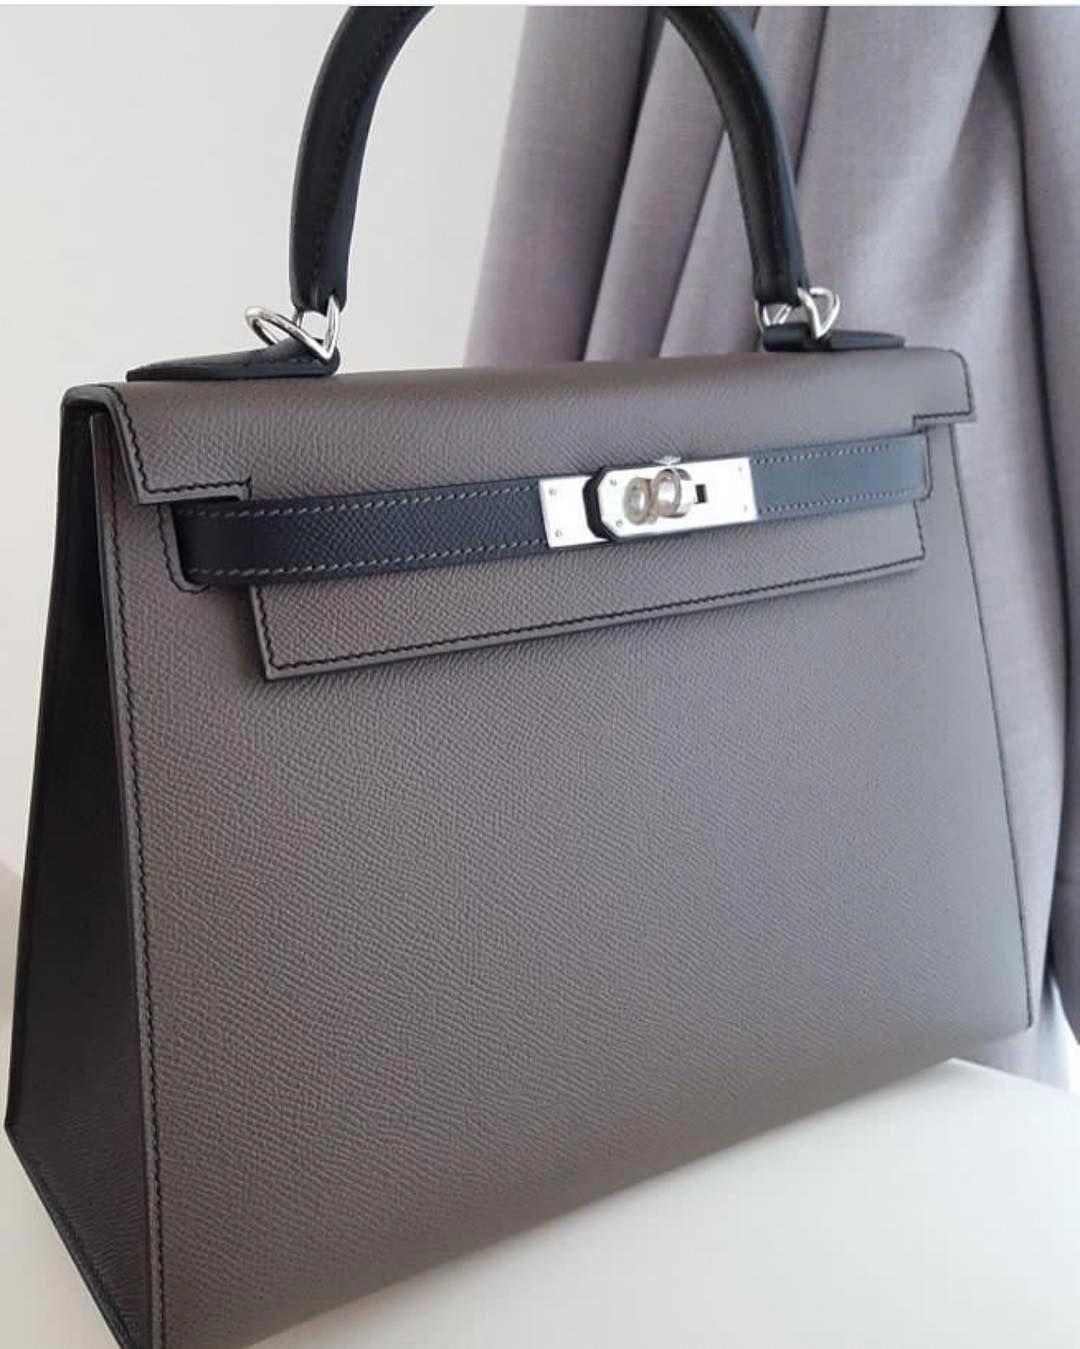 a10428735d2c Hermes Kelly 28 Sellier HSS Etain   Black Epsom Phw A  Hermeshandbags